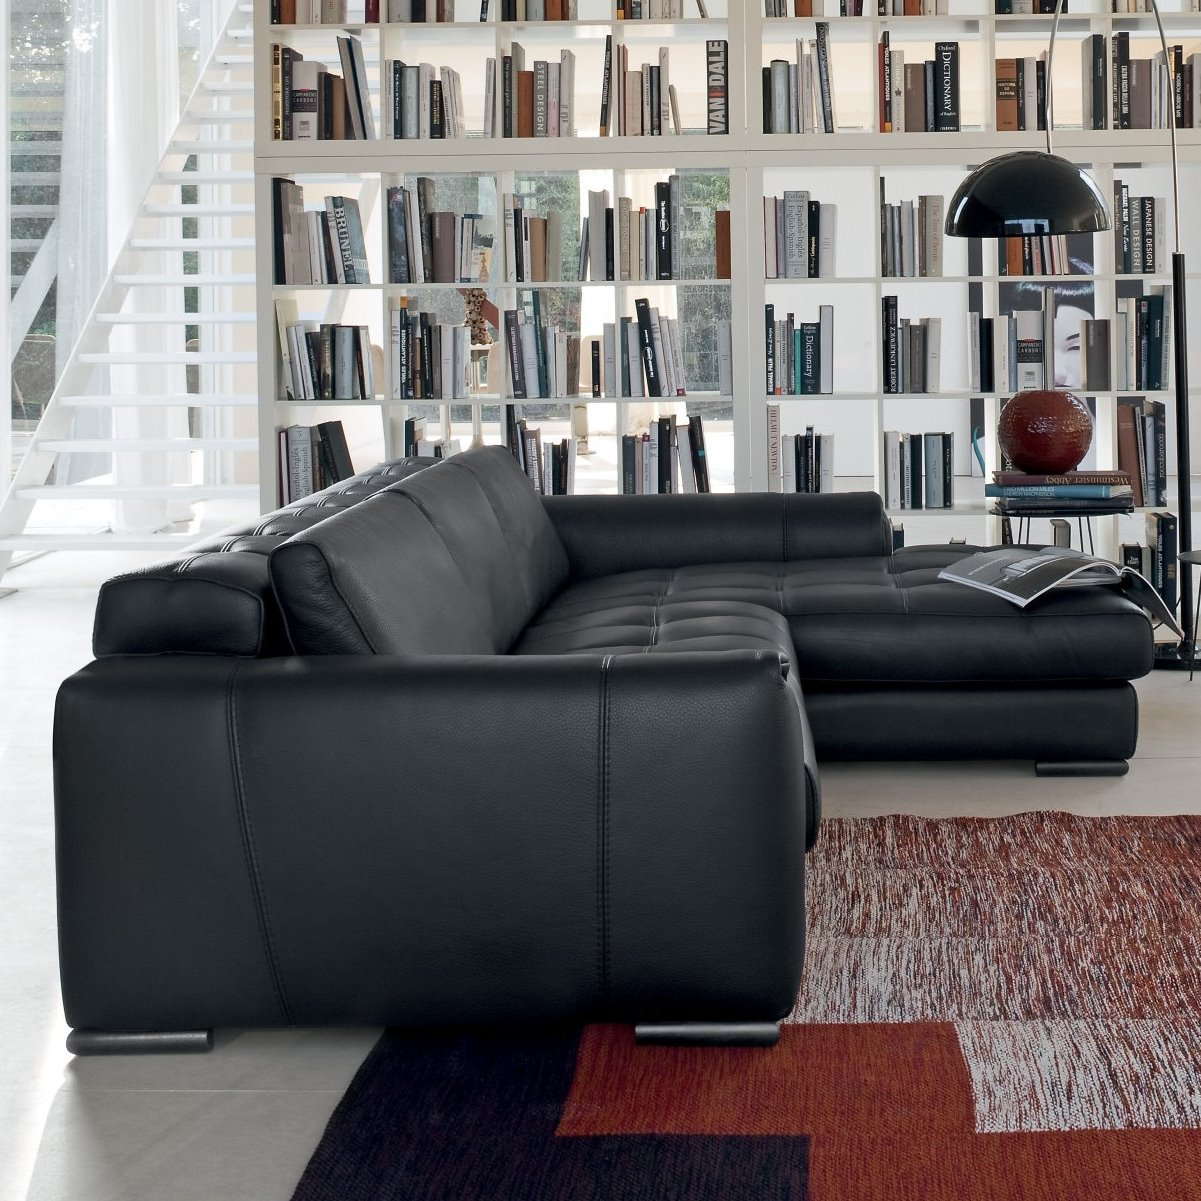 vorrei un divano nero si ma nero come può sembrare